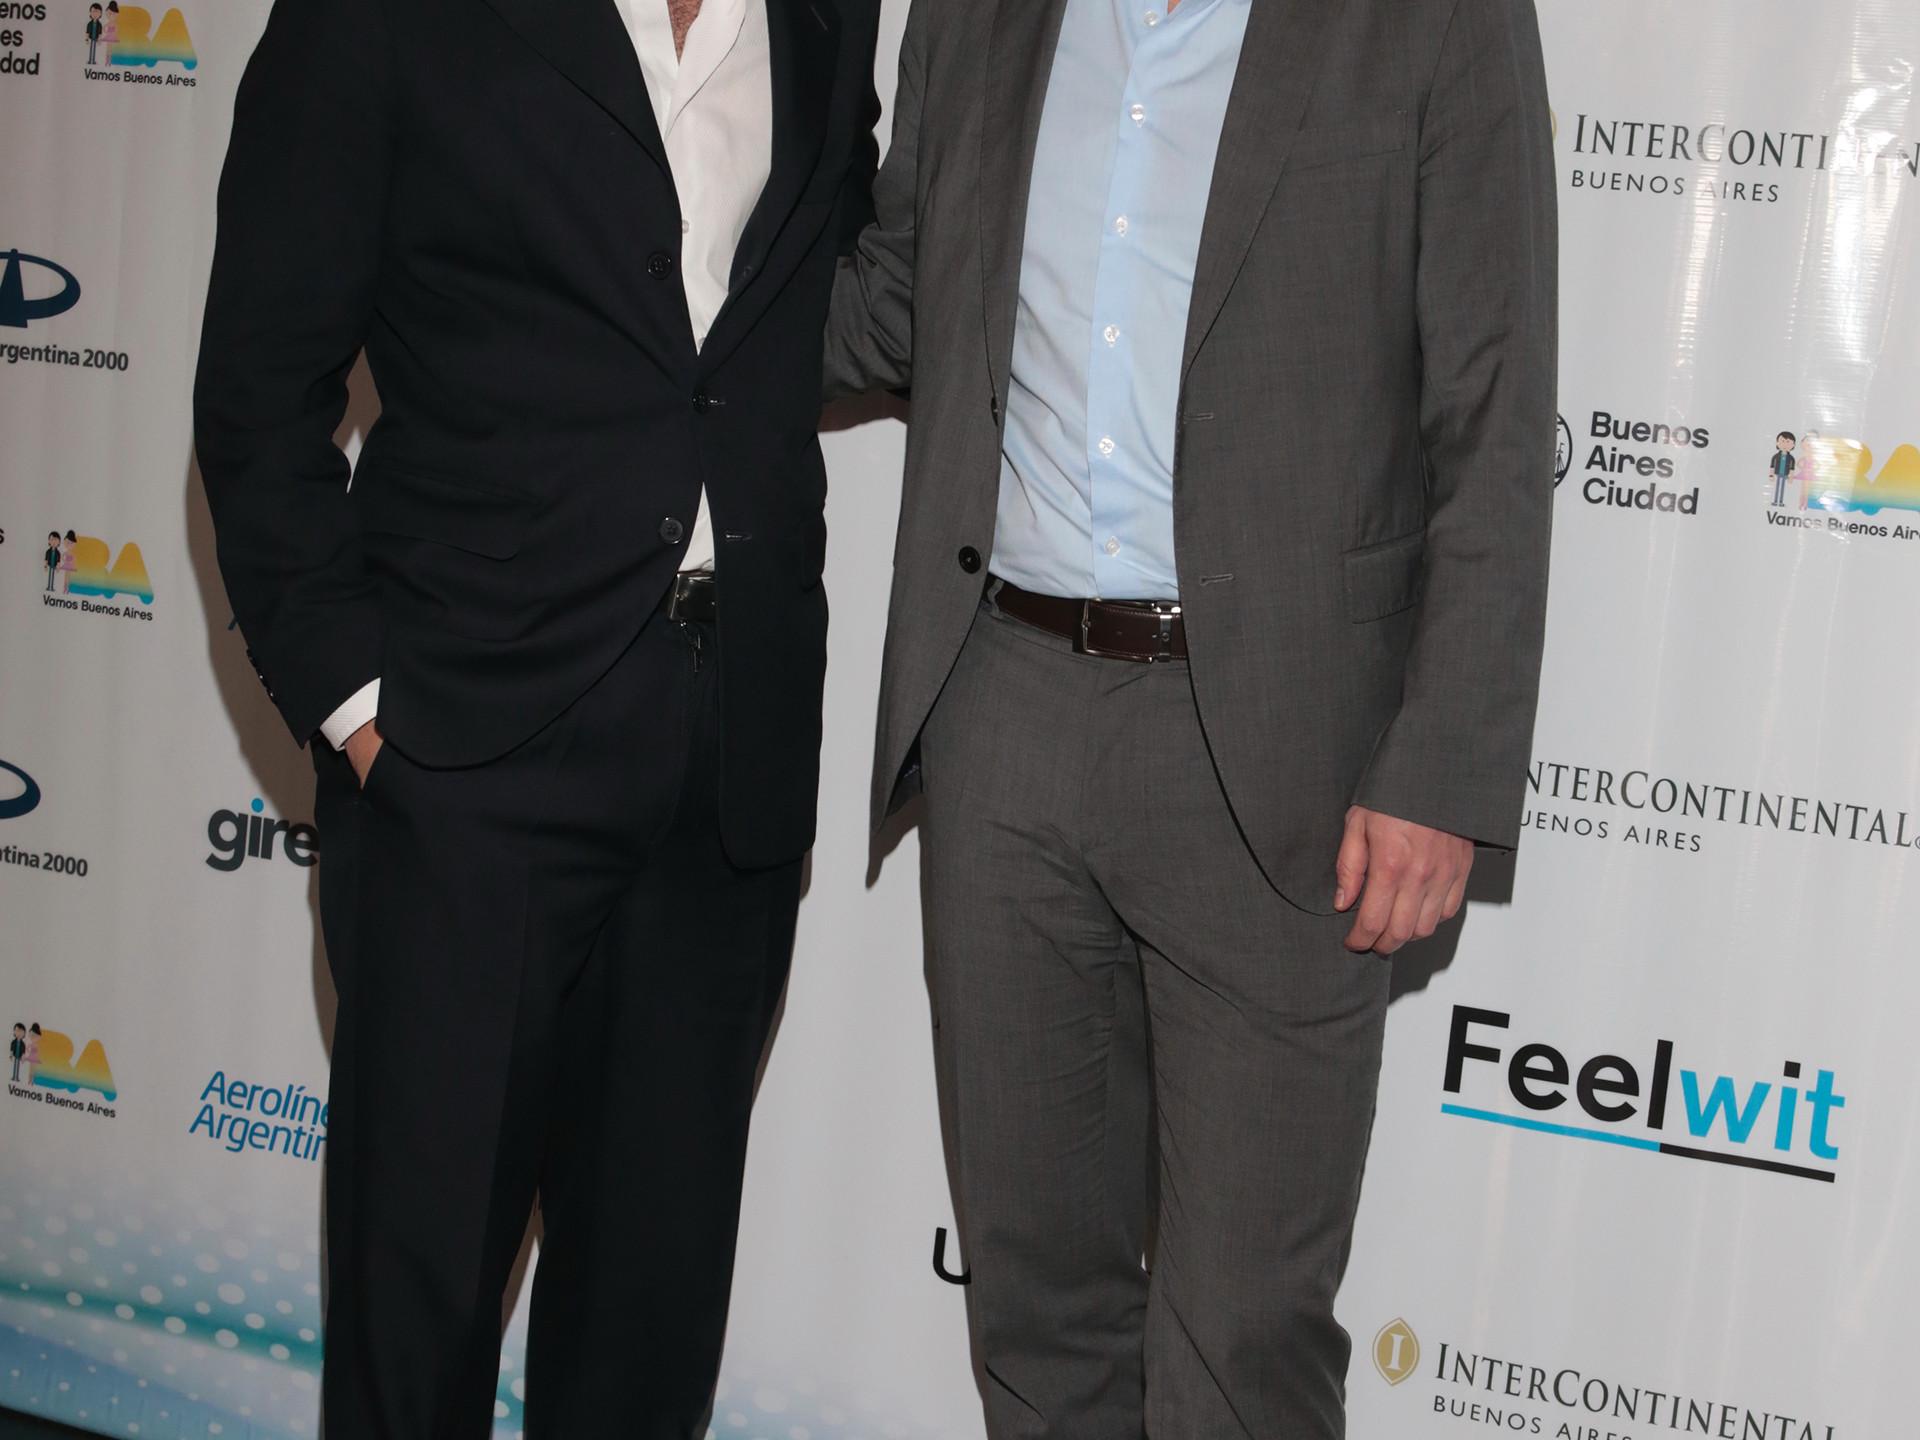 Leandro Viotto y Juan Manuel Galan